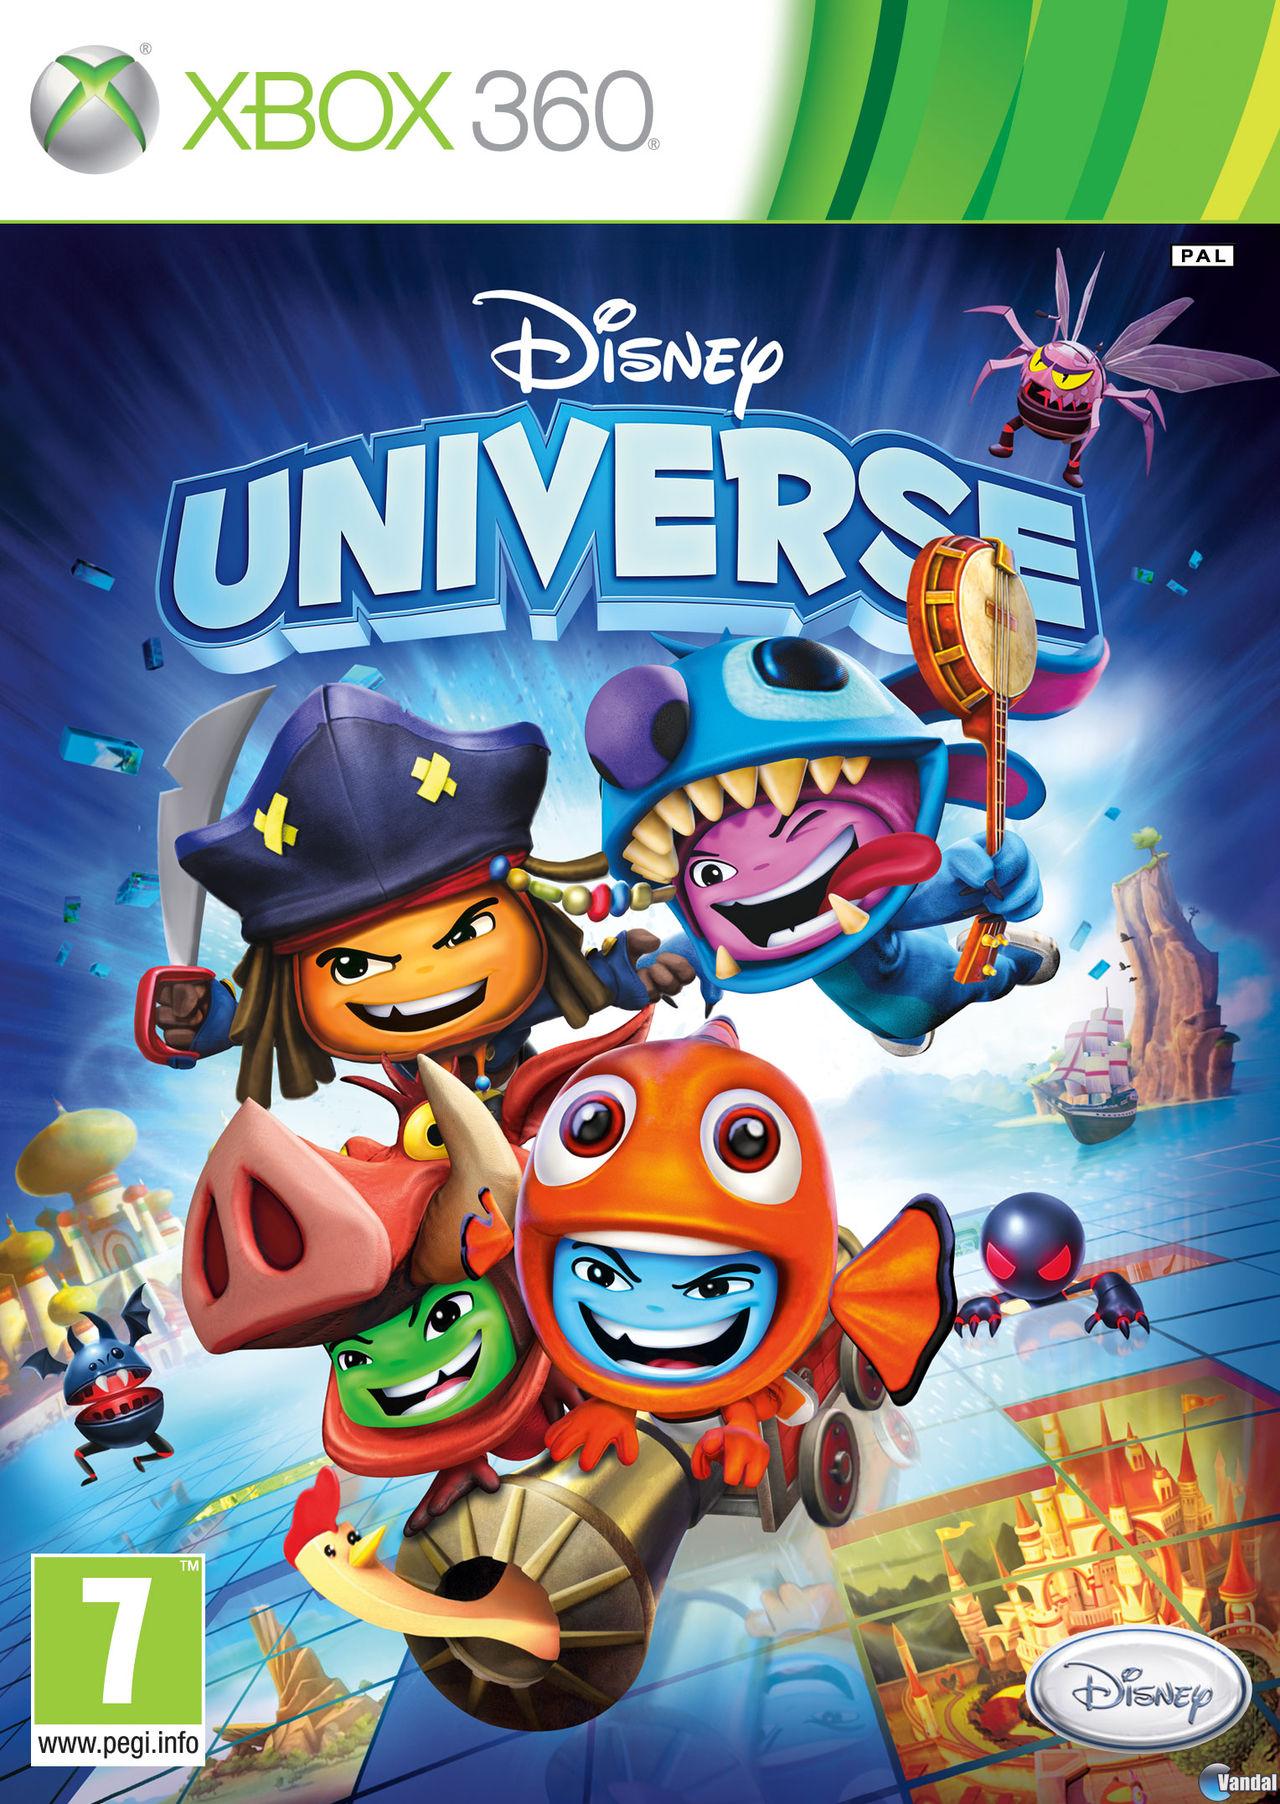 Trucos Disney Universe Xbox 360 Claves Guias